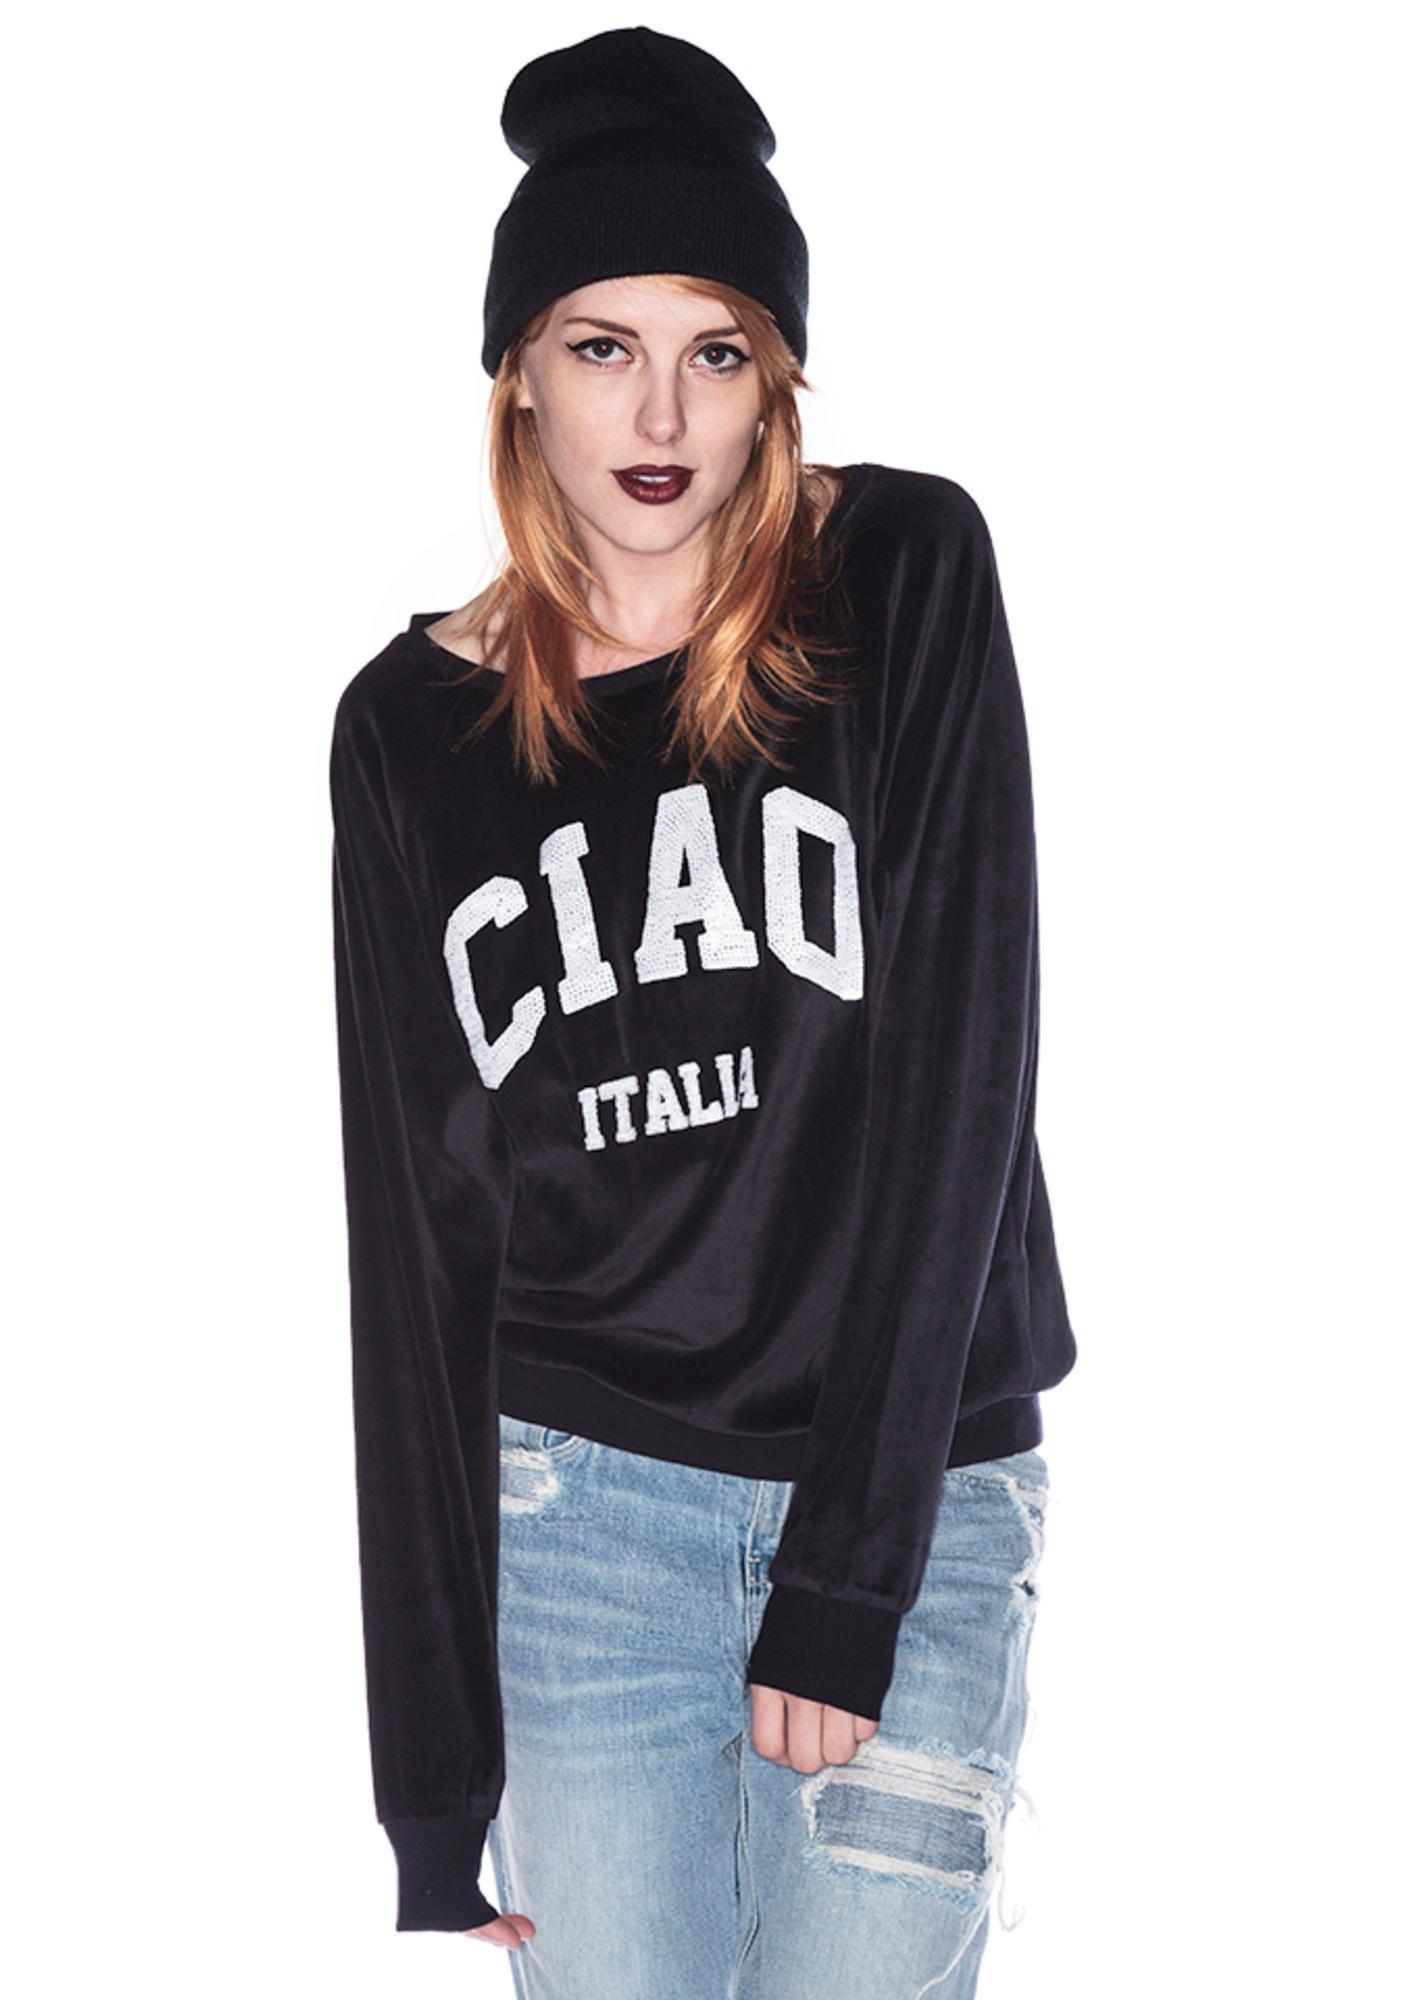 Wildfox Couture Ciao Italia Barcelona Pullover